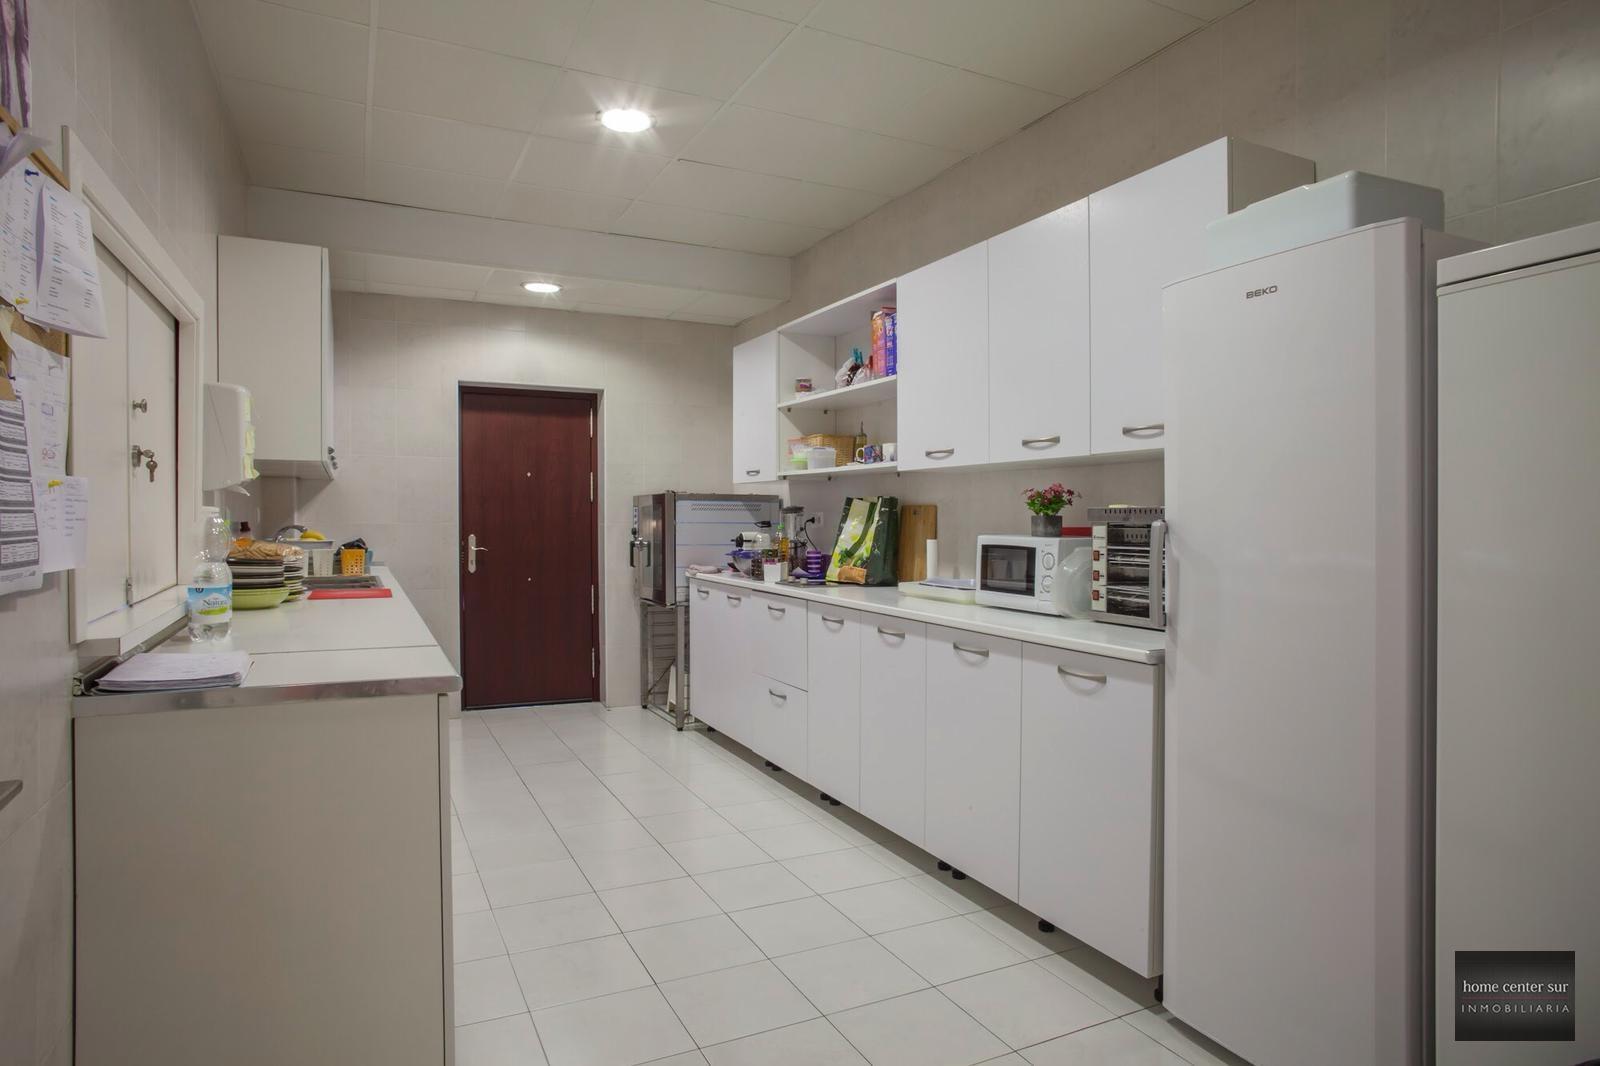 Local en alquiler en Avenida de las Salinas (Fuengirola), 7.500 €/mes